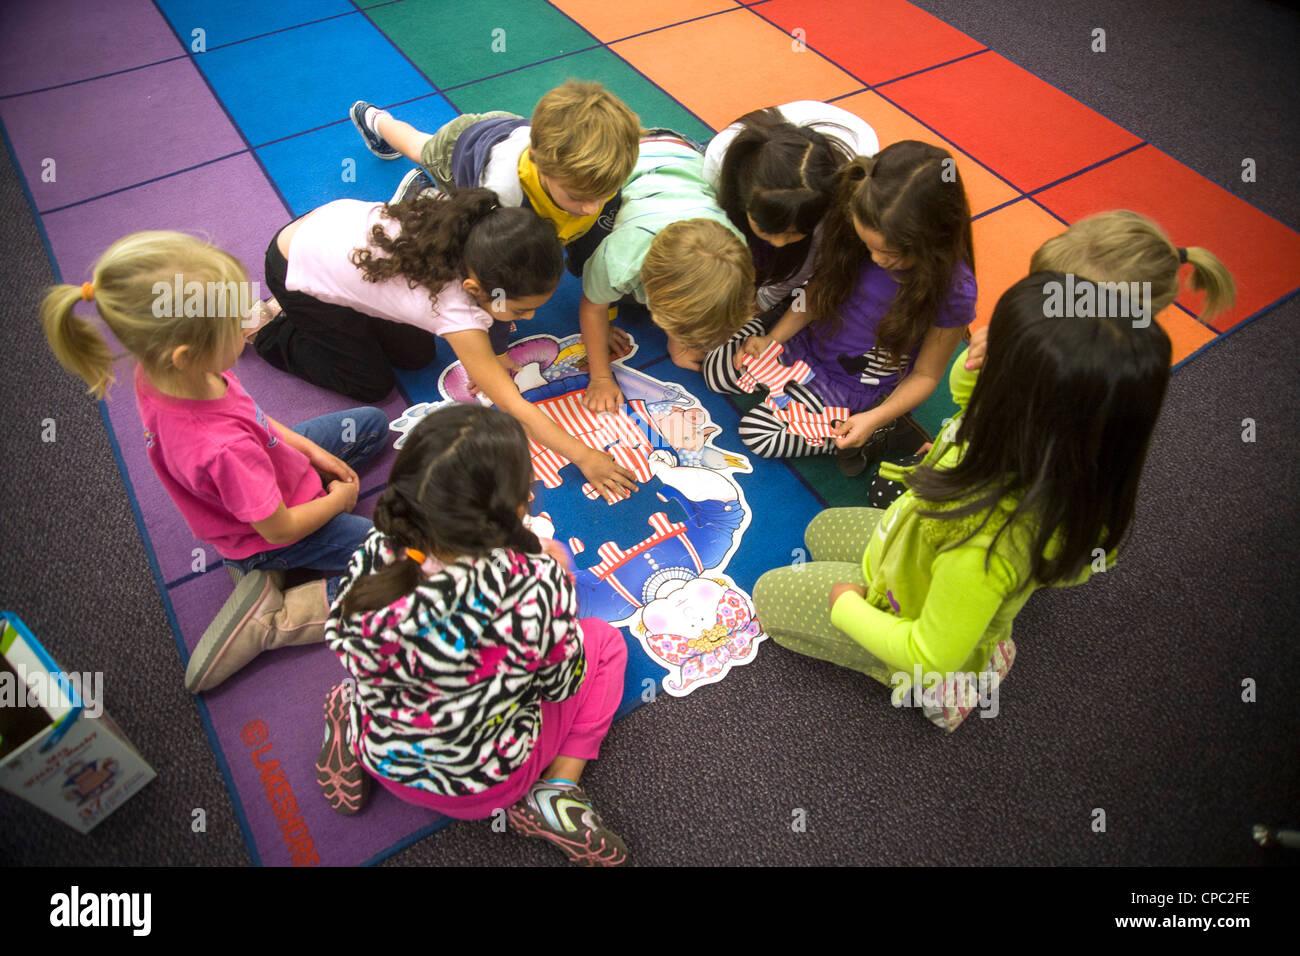 Sur un sol de la classe, un groupe d'enfants de maternelle collaborer pour assembler un puzzle à San Clemente, Photo Stock